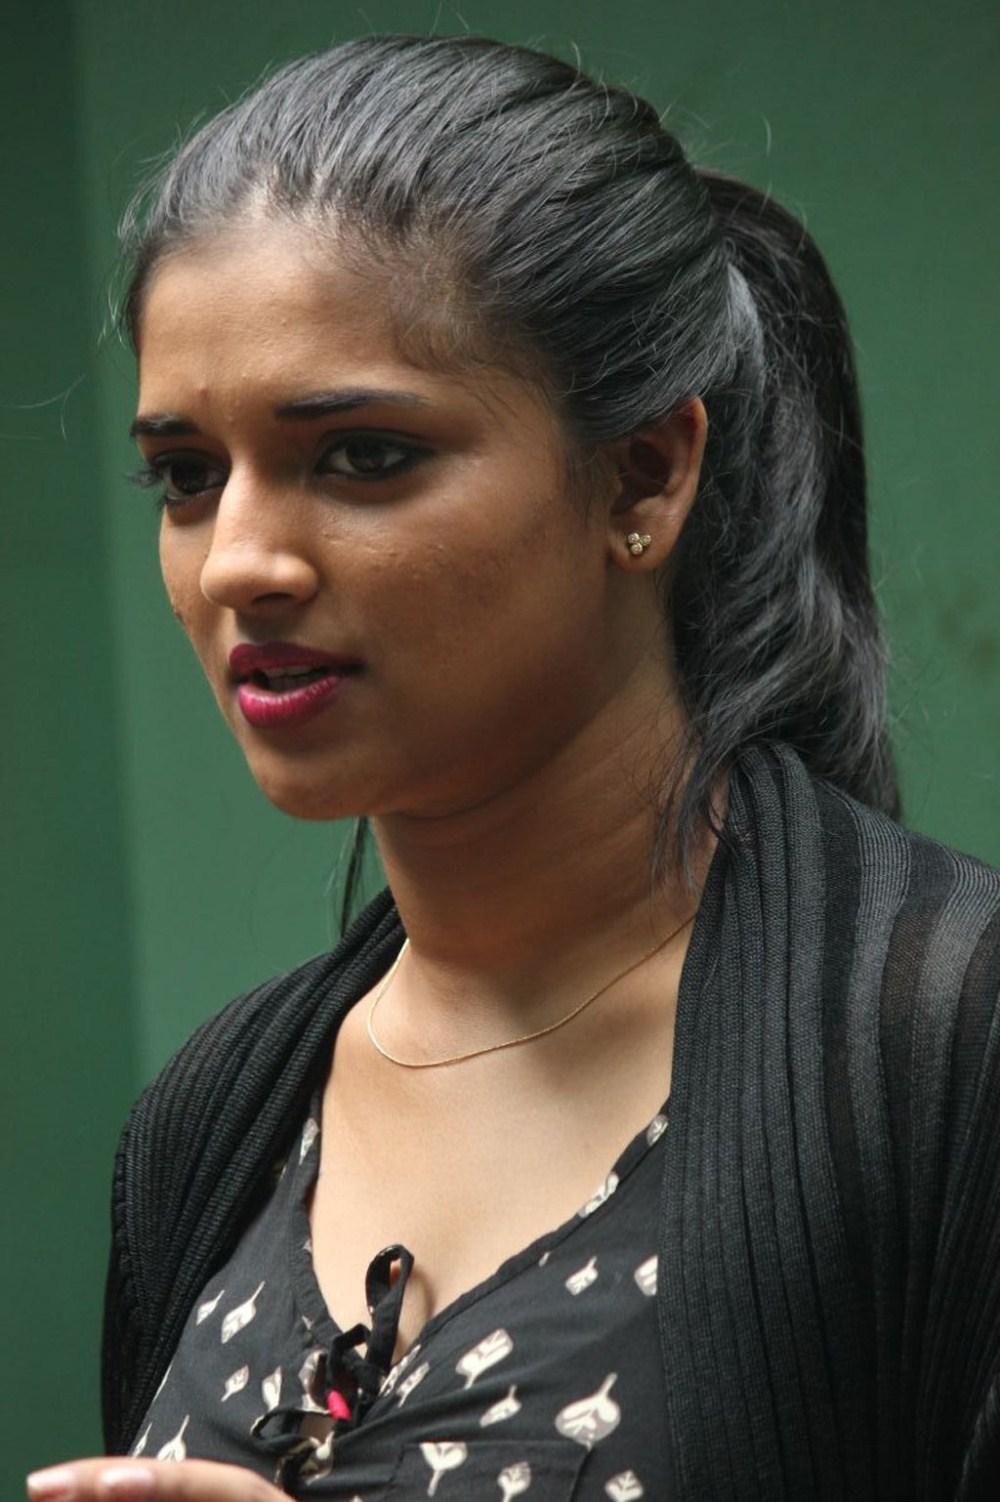 hot Vasundhara kashyap